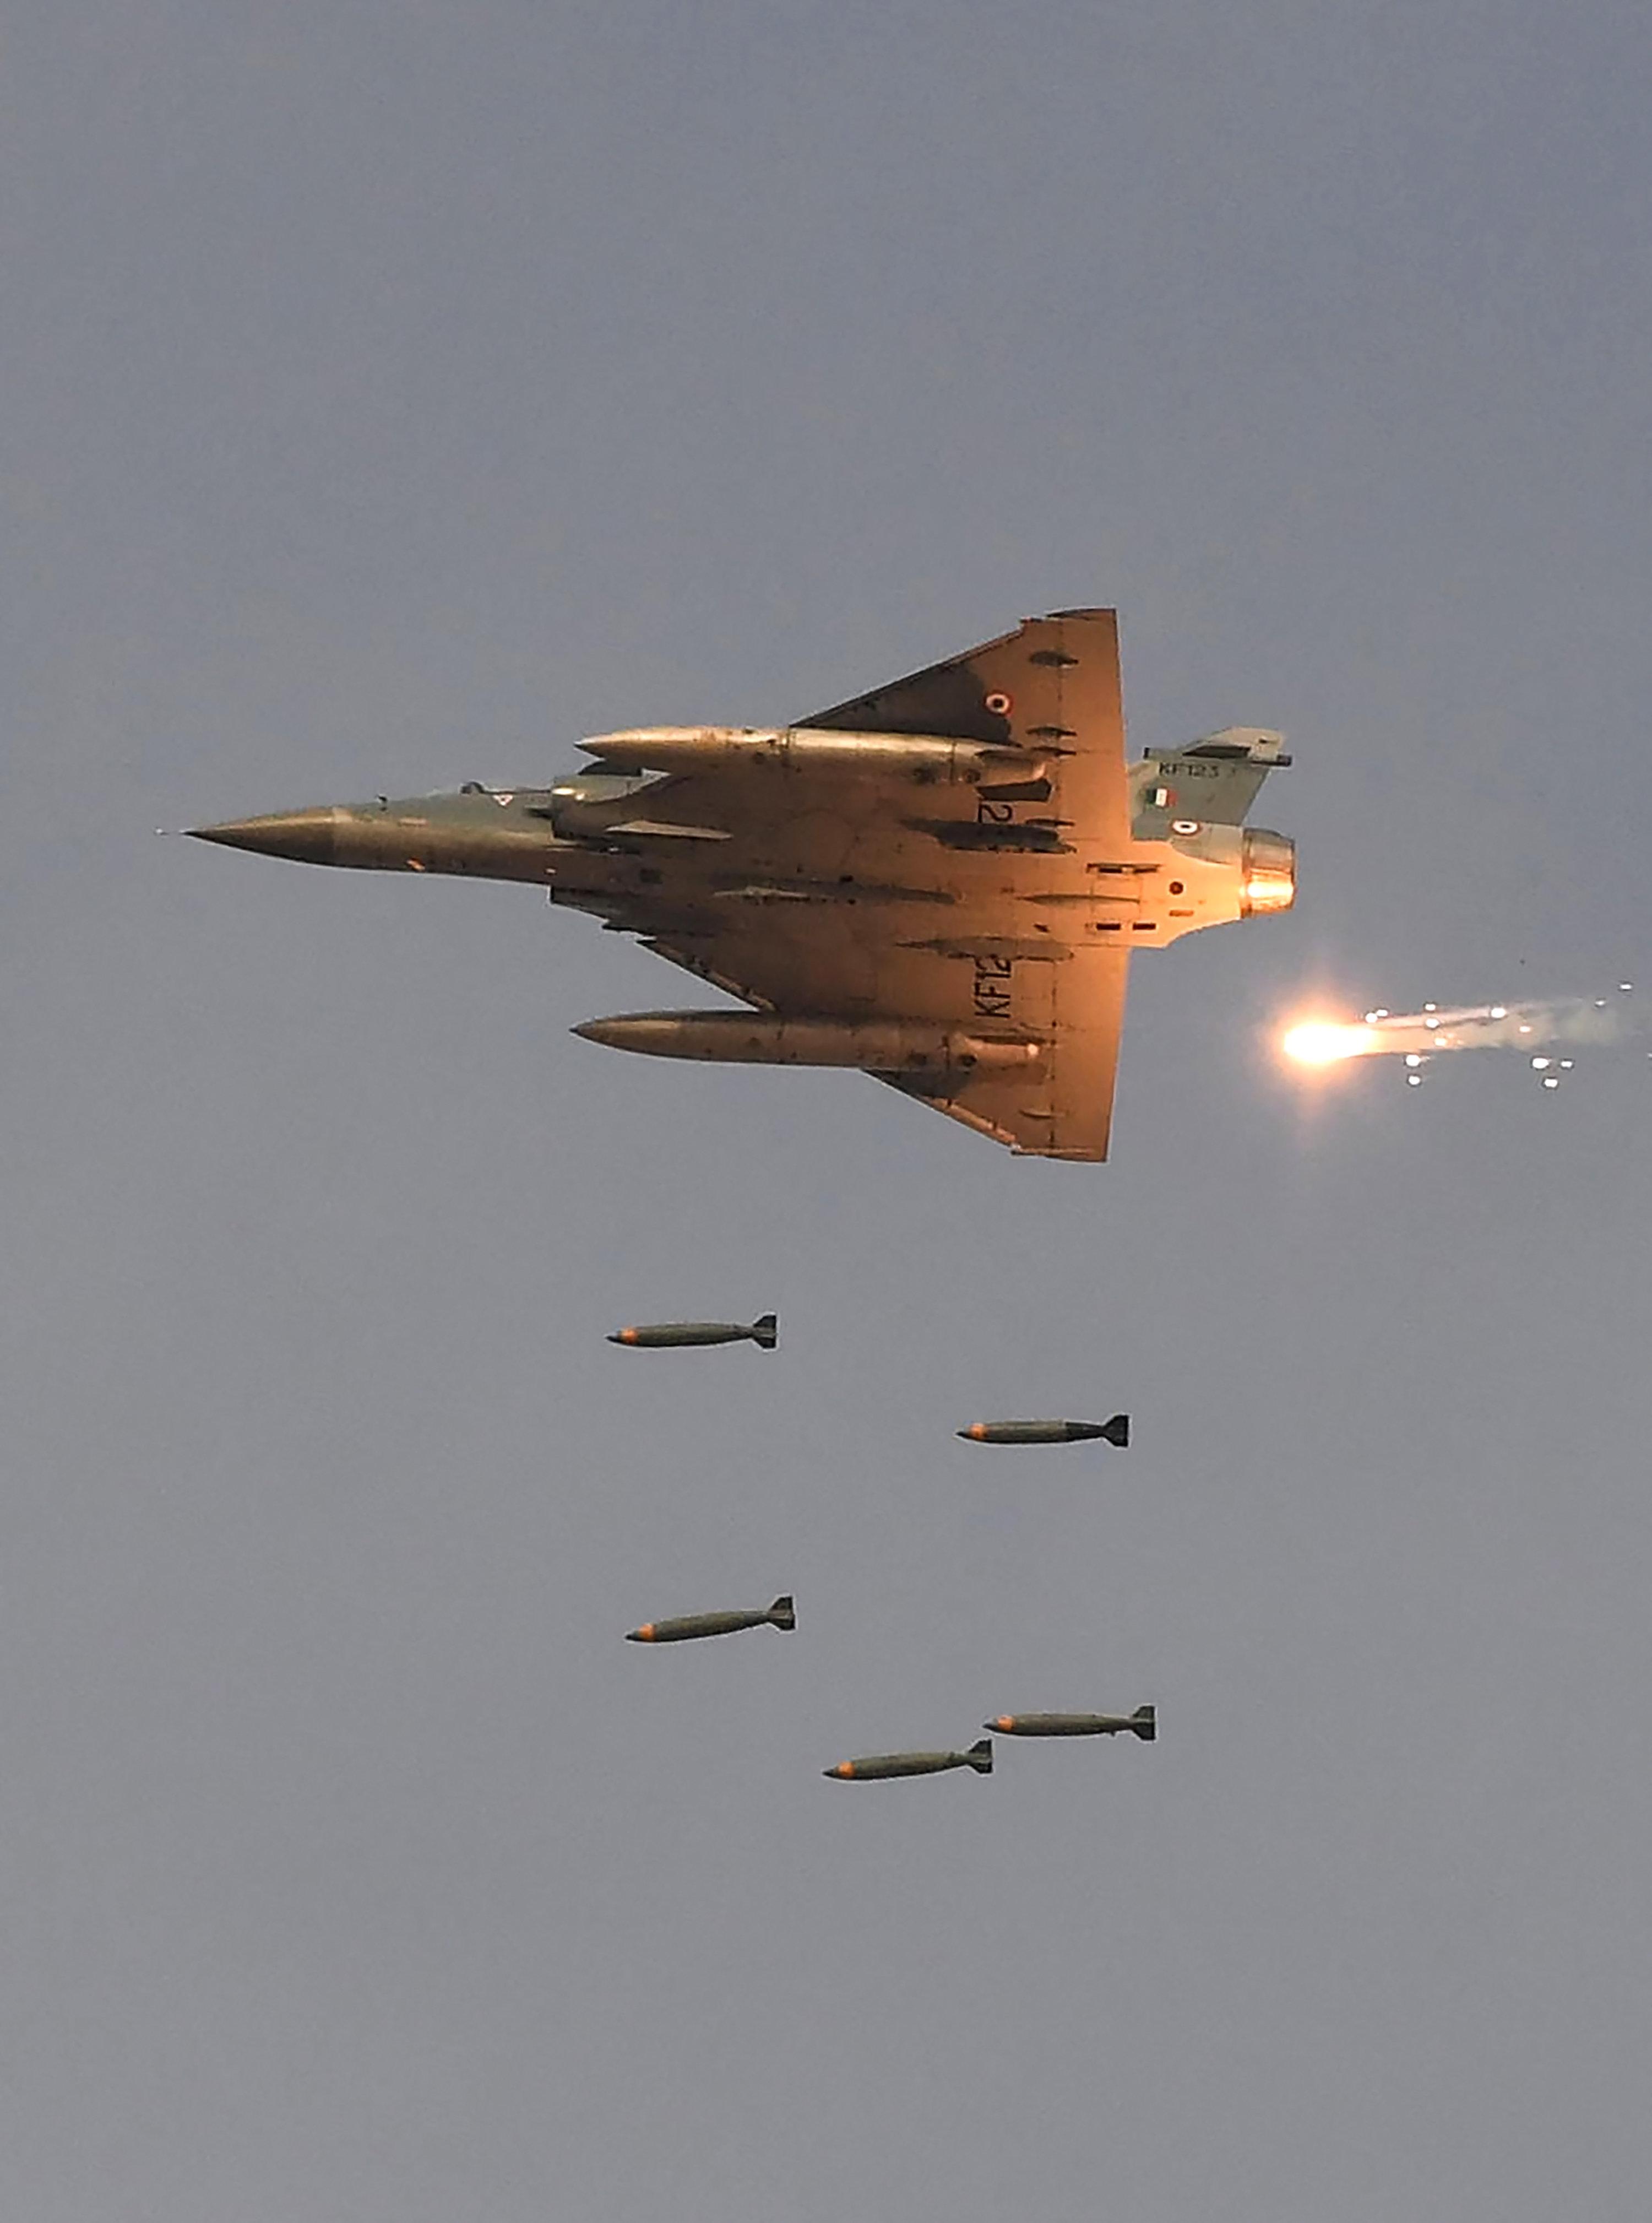 Αεροπορική επίθεση από την Ινδία σε «στρατόπεδα τρομοκρατών» στο έδαφος του